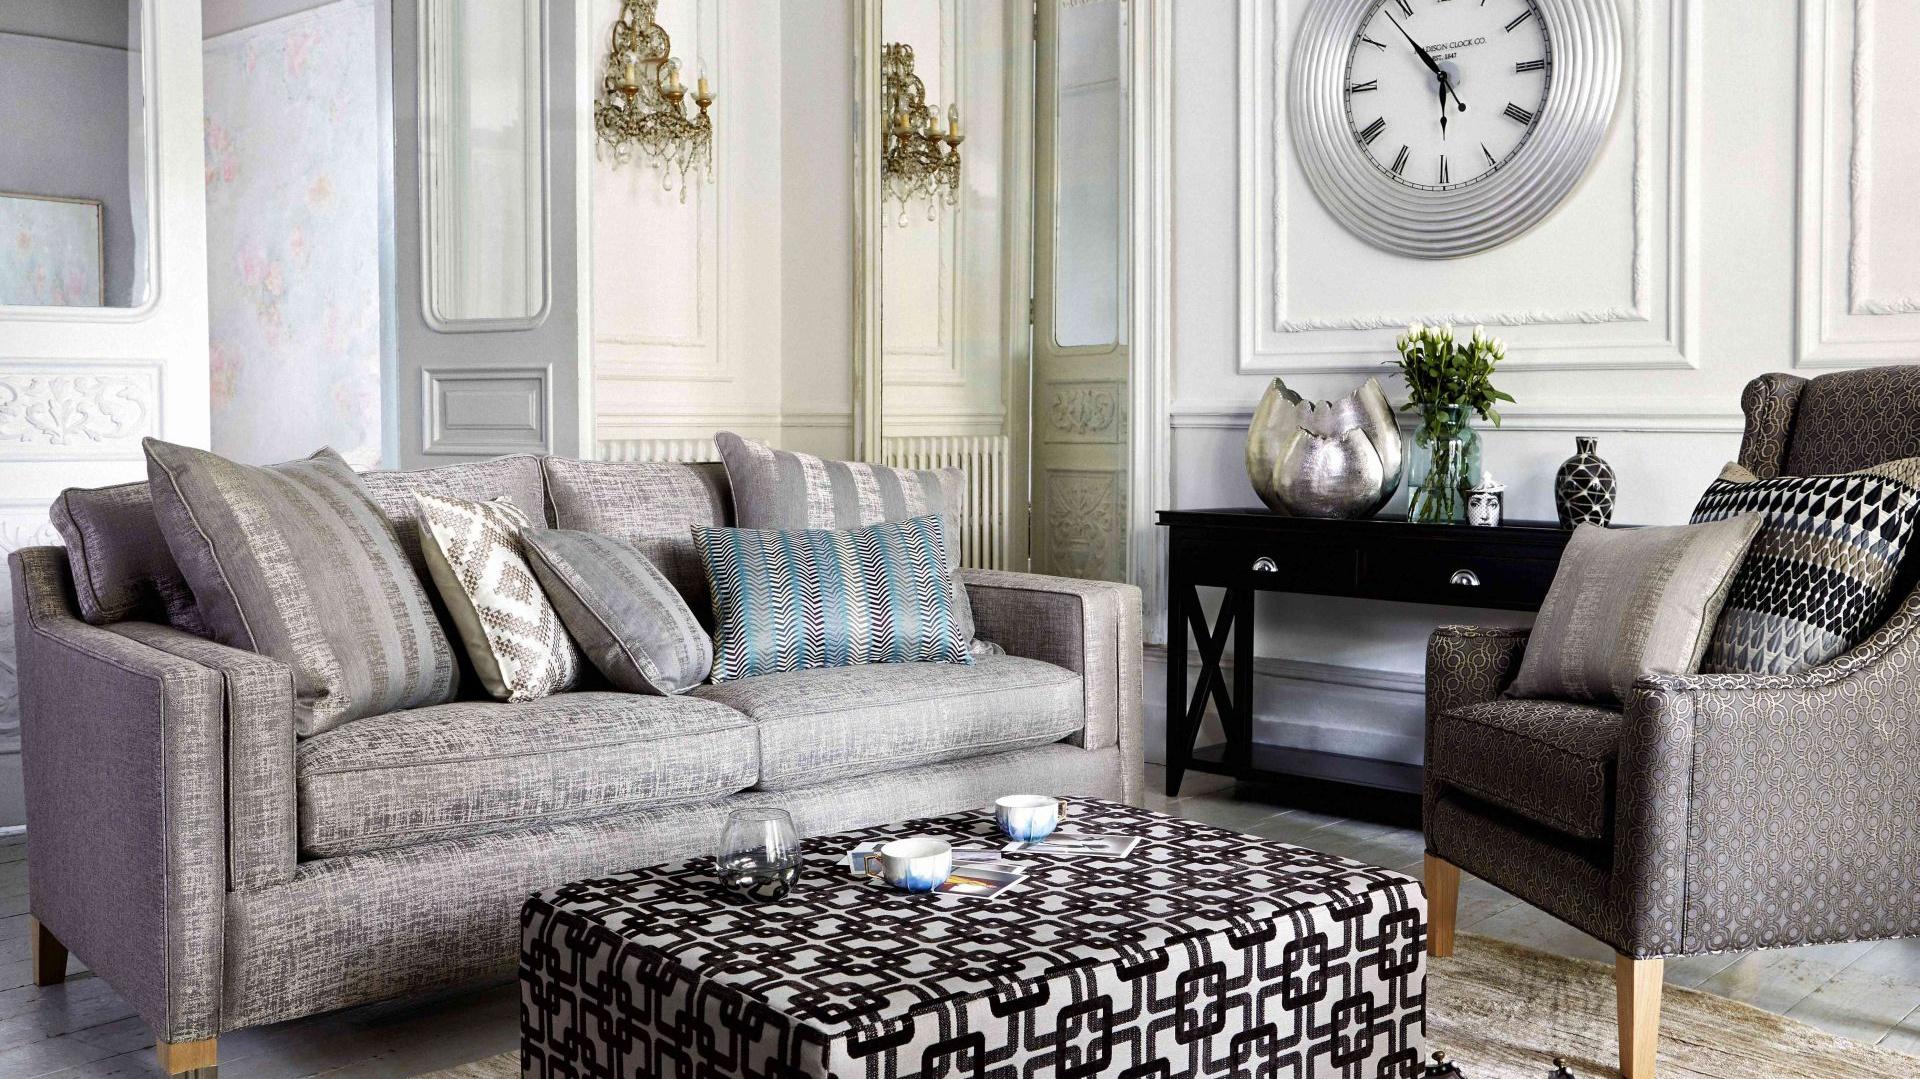 Styl klasyczny nie jedno ma imię. Srebrzysta tapicerka mebli oraz wzorzysty stolik kawowy sprawiają, że aranżacja zyskuje nieco glamourowy charakter. Efekt dopełnia biżuteryjne oświetlenie. Sofa Duresta Broadway (widoczna na zdjęciu) dostępna jest w sklepie Furniture Village. Fot. Furniture Village .